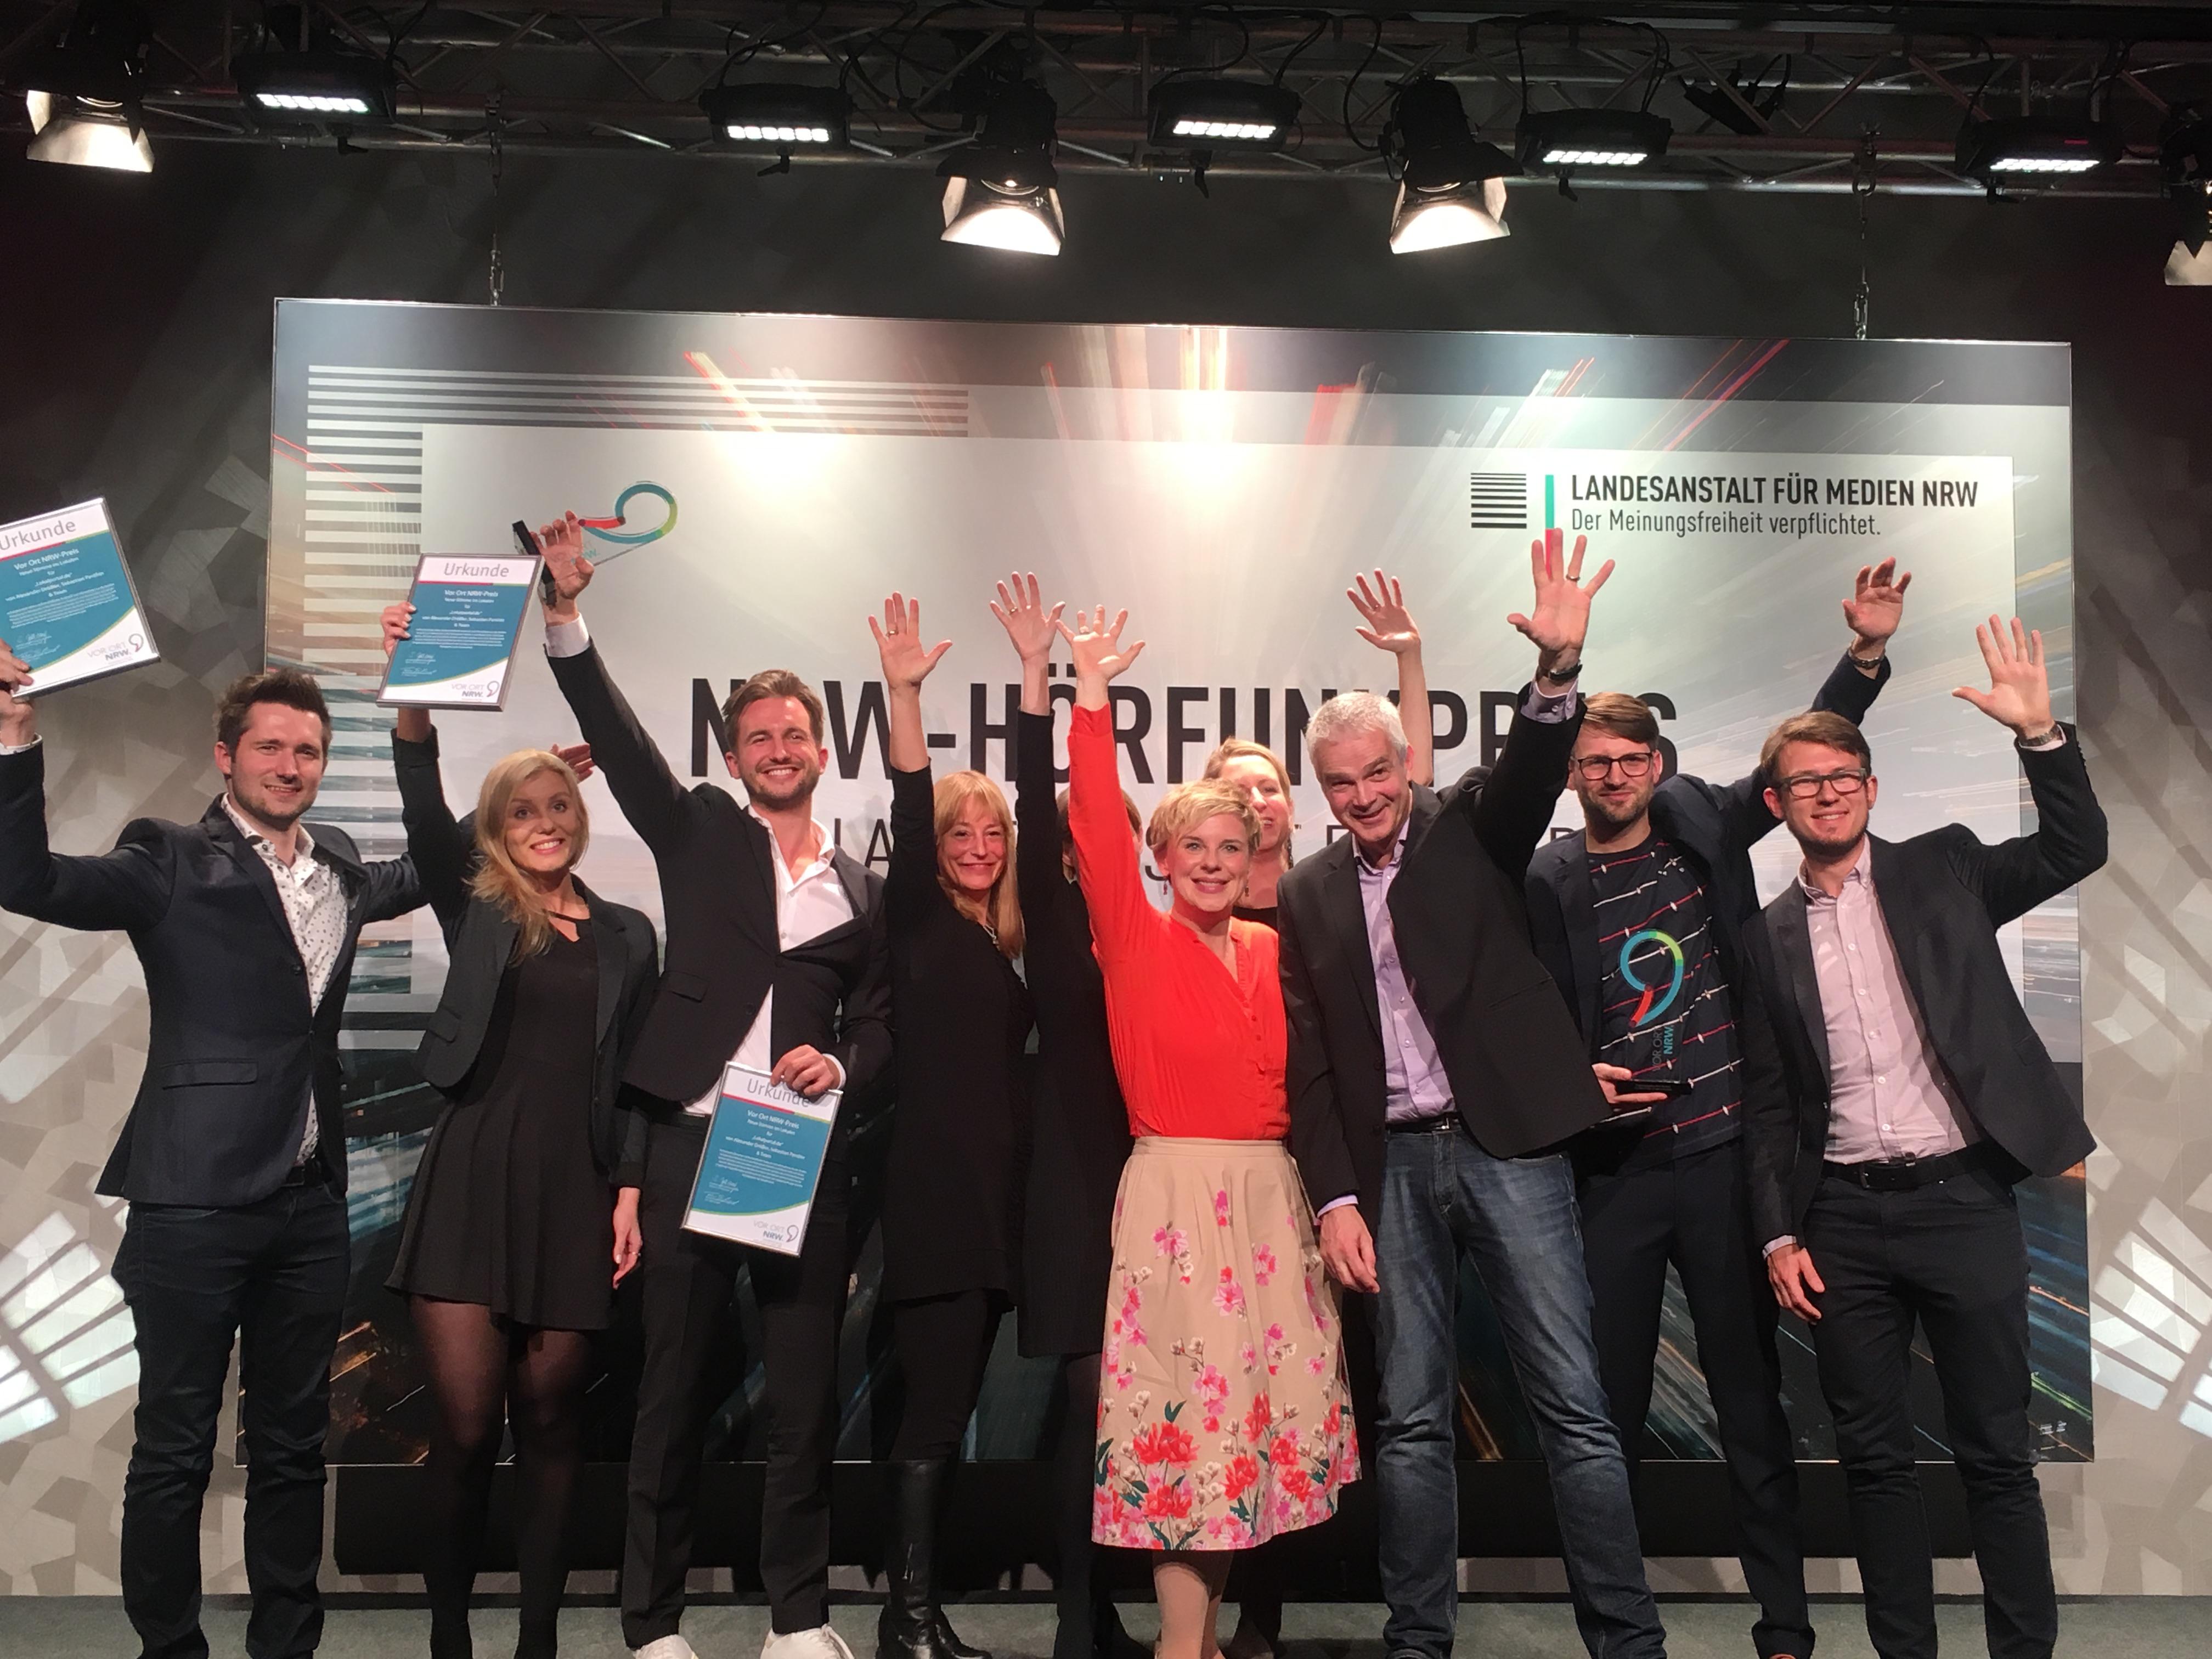 Teamfoto der Gewinnerinnen und Gewinner sowie der Jury des Vor Ort NRW-Preises 2018.